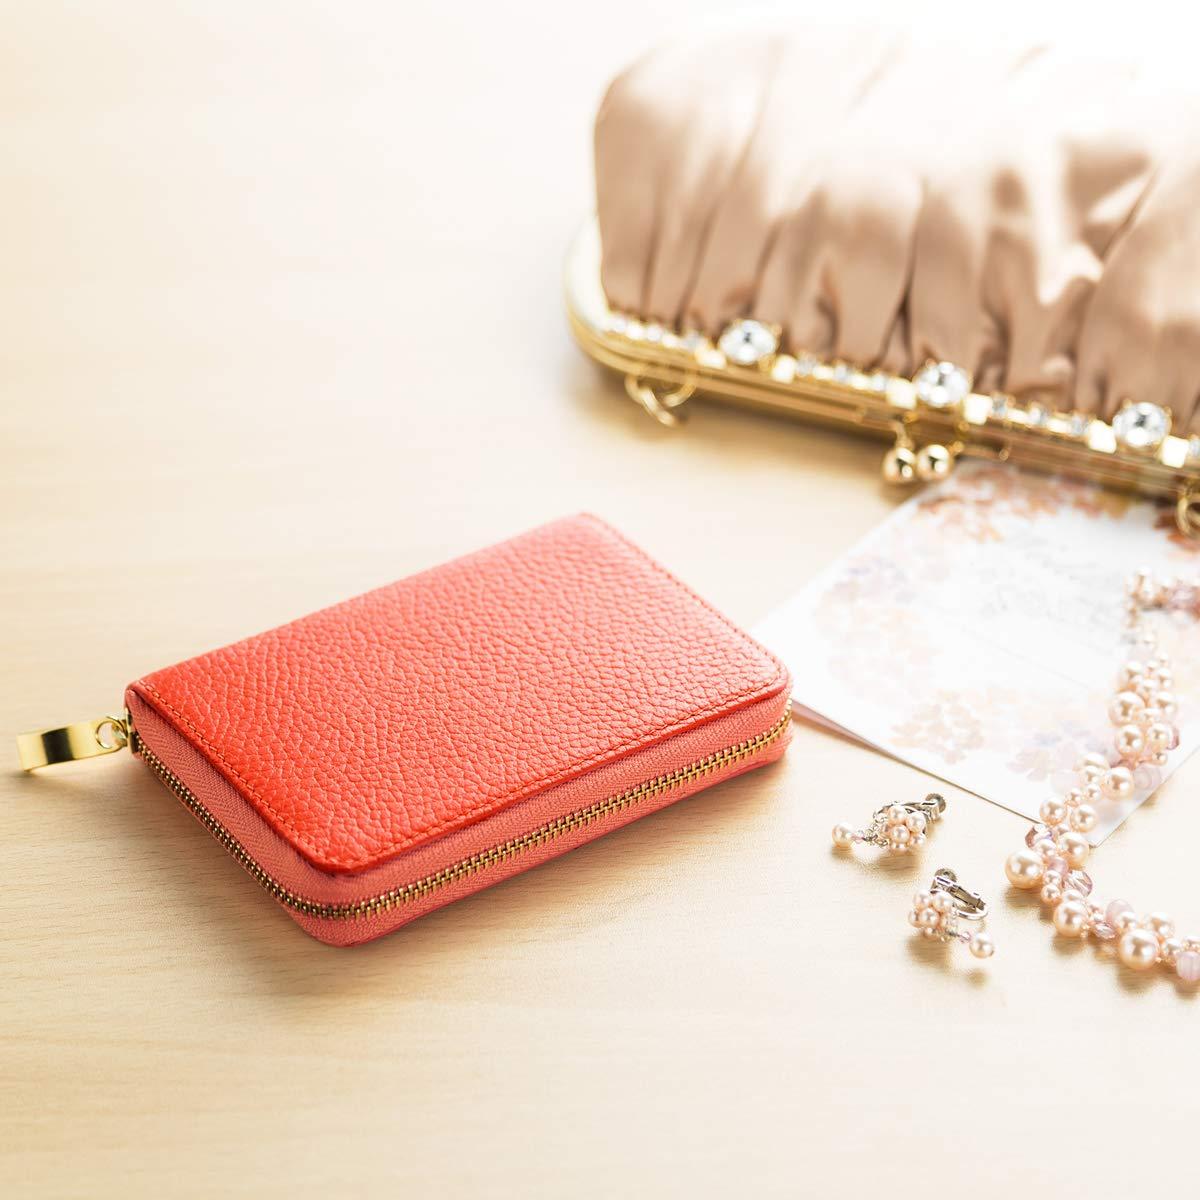 ec518595a87b シンプルなレディース財布のおすすめ6選!長財布・二つ折りタイプも | HEIM [ハイム]